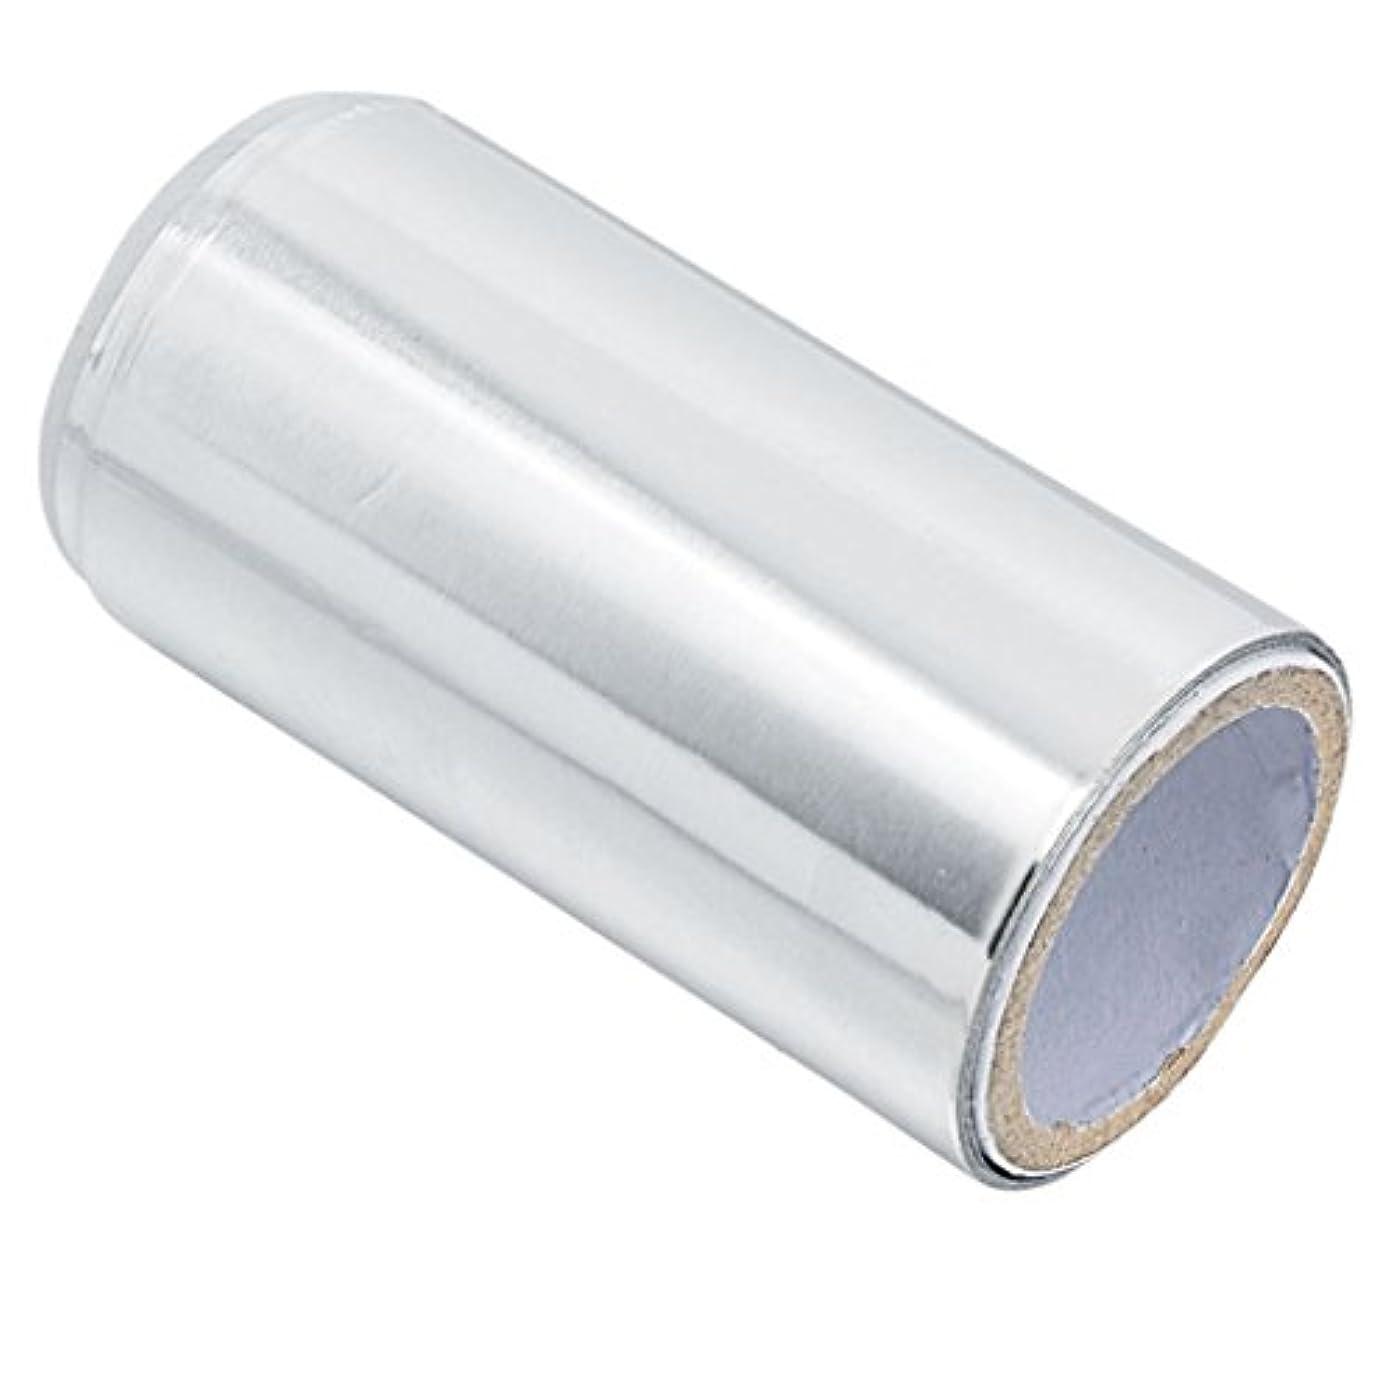 伝染性のスーツケースに対処するマニキュア錫箔紙 ヘア/ネイル用 ジェル除却 ヘアパーマ 約5m